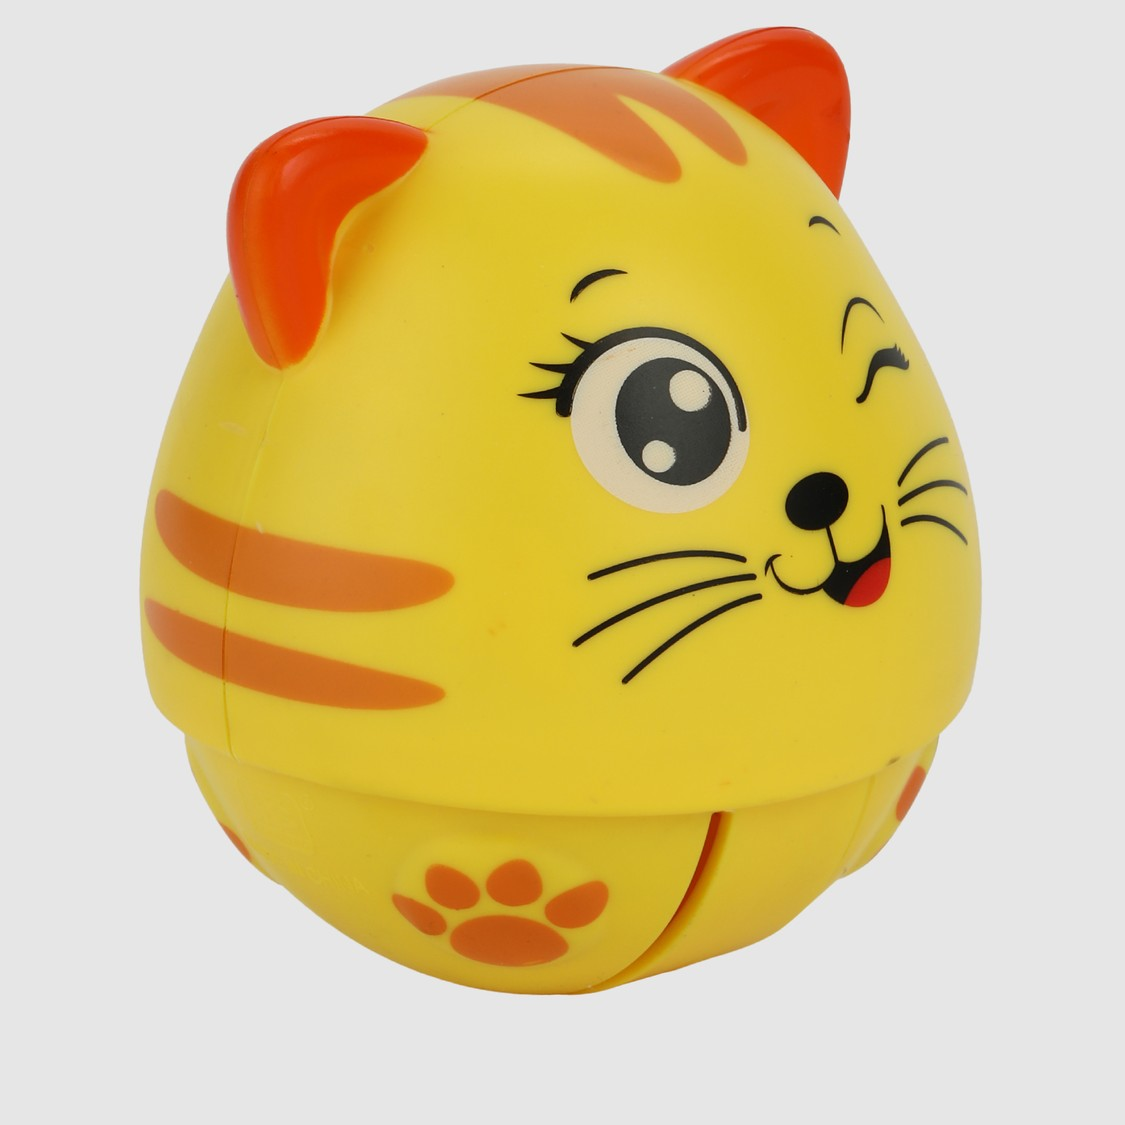 كوب بعجلة دوارة بتصميم قطة مع صوت